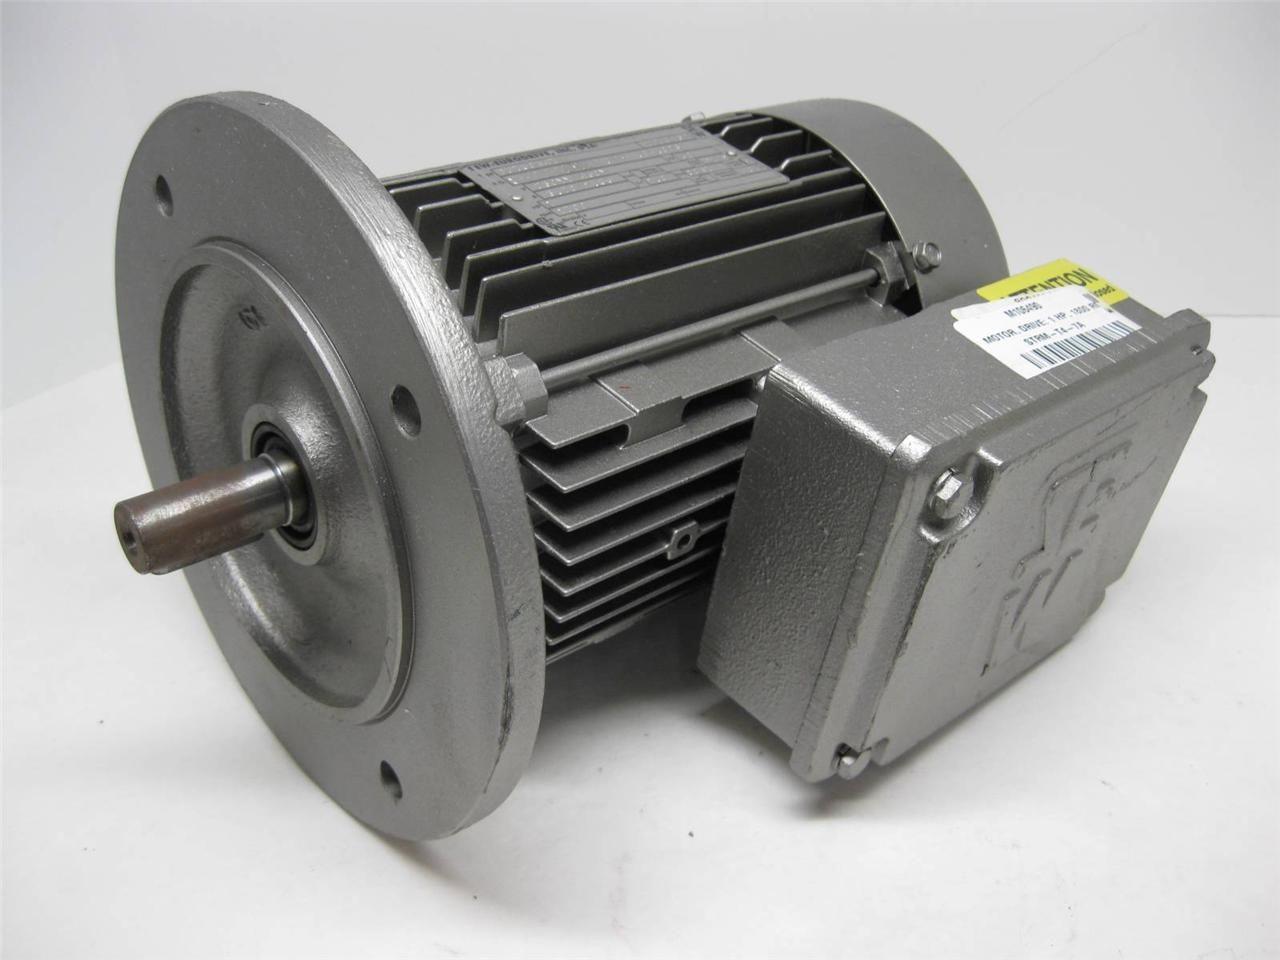 Sew Eurodrive Dft80n4th Electric Motor Tefc 1hp 1700 Rpm